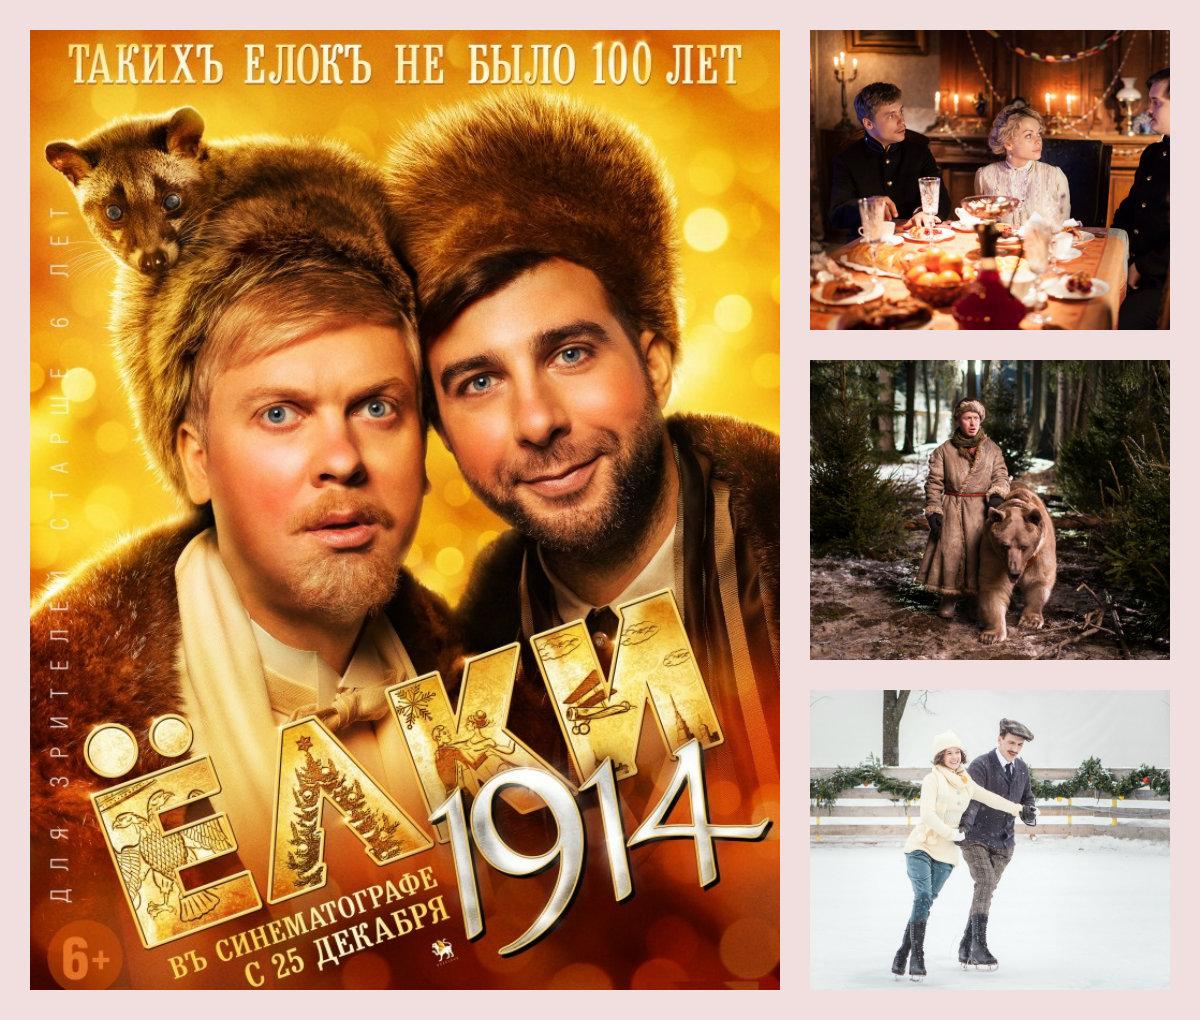 Мировая премьера российского блокбастера «Елки-1914»